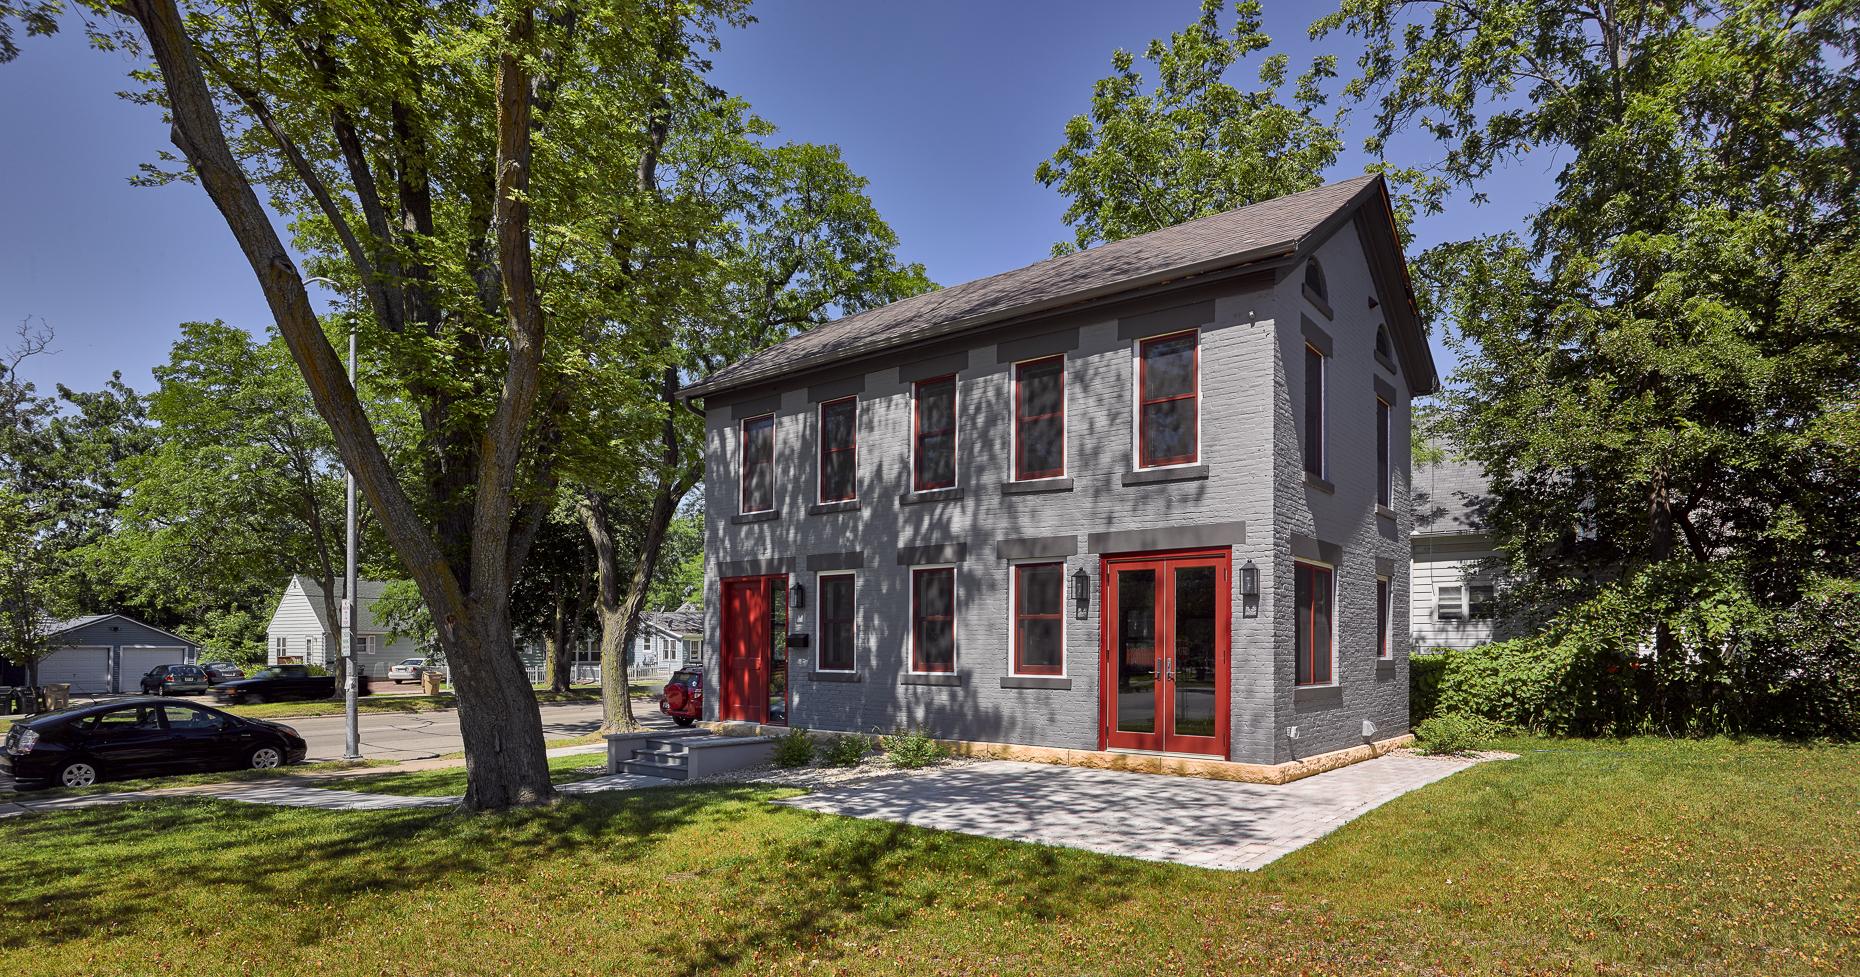 Lannon-Hill House